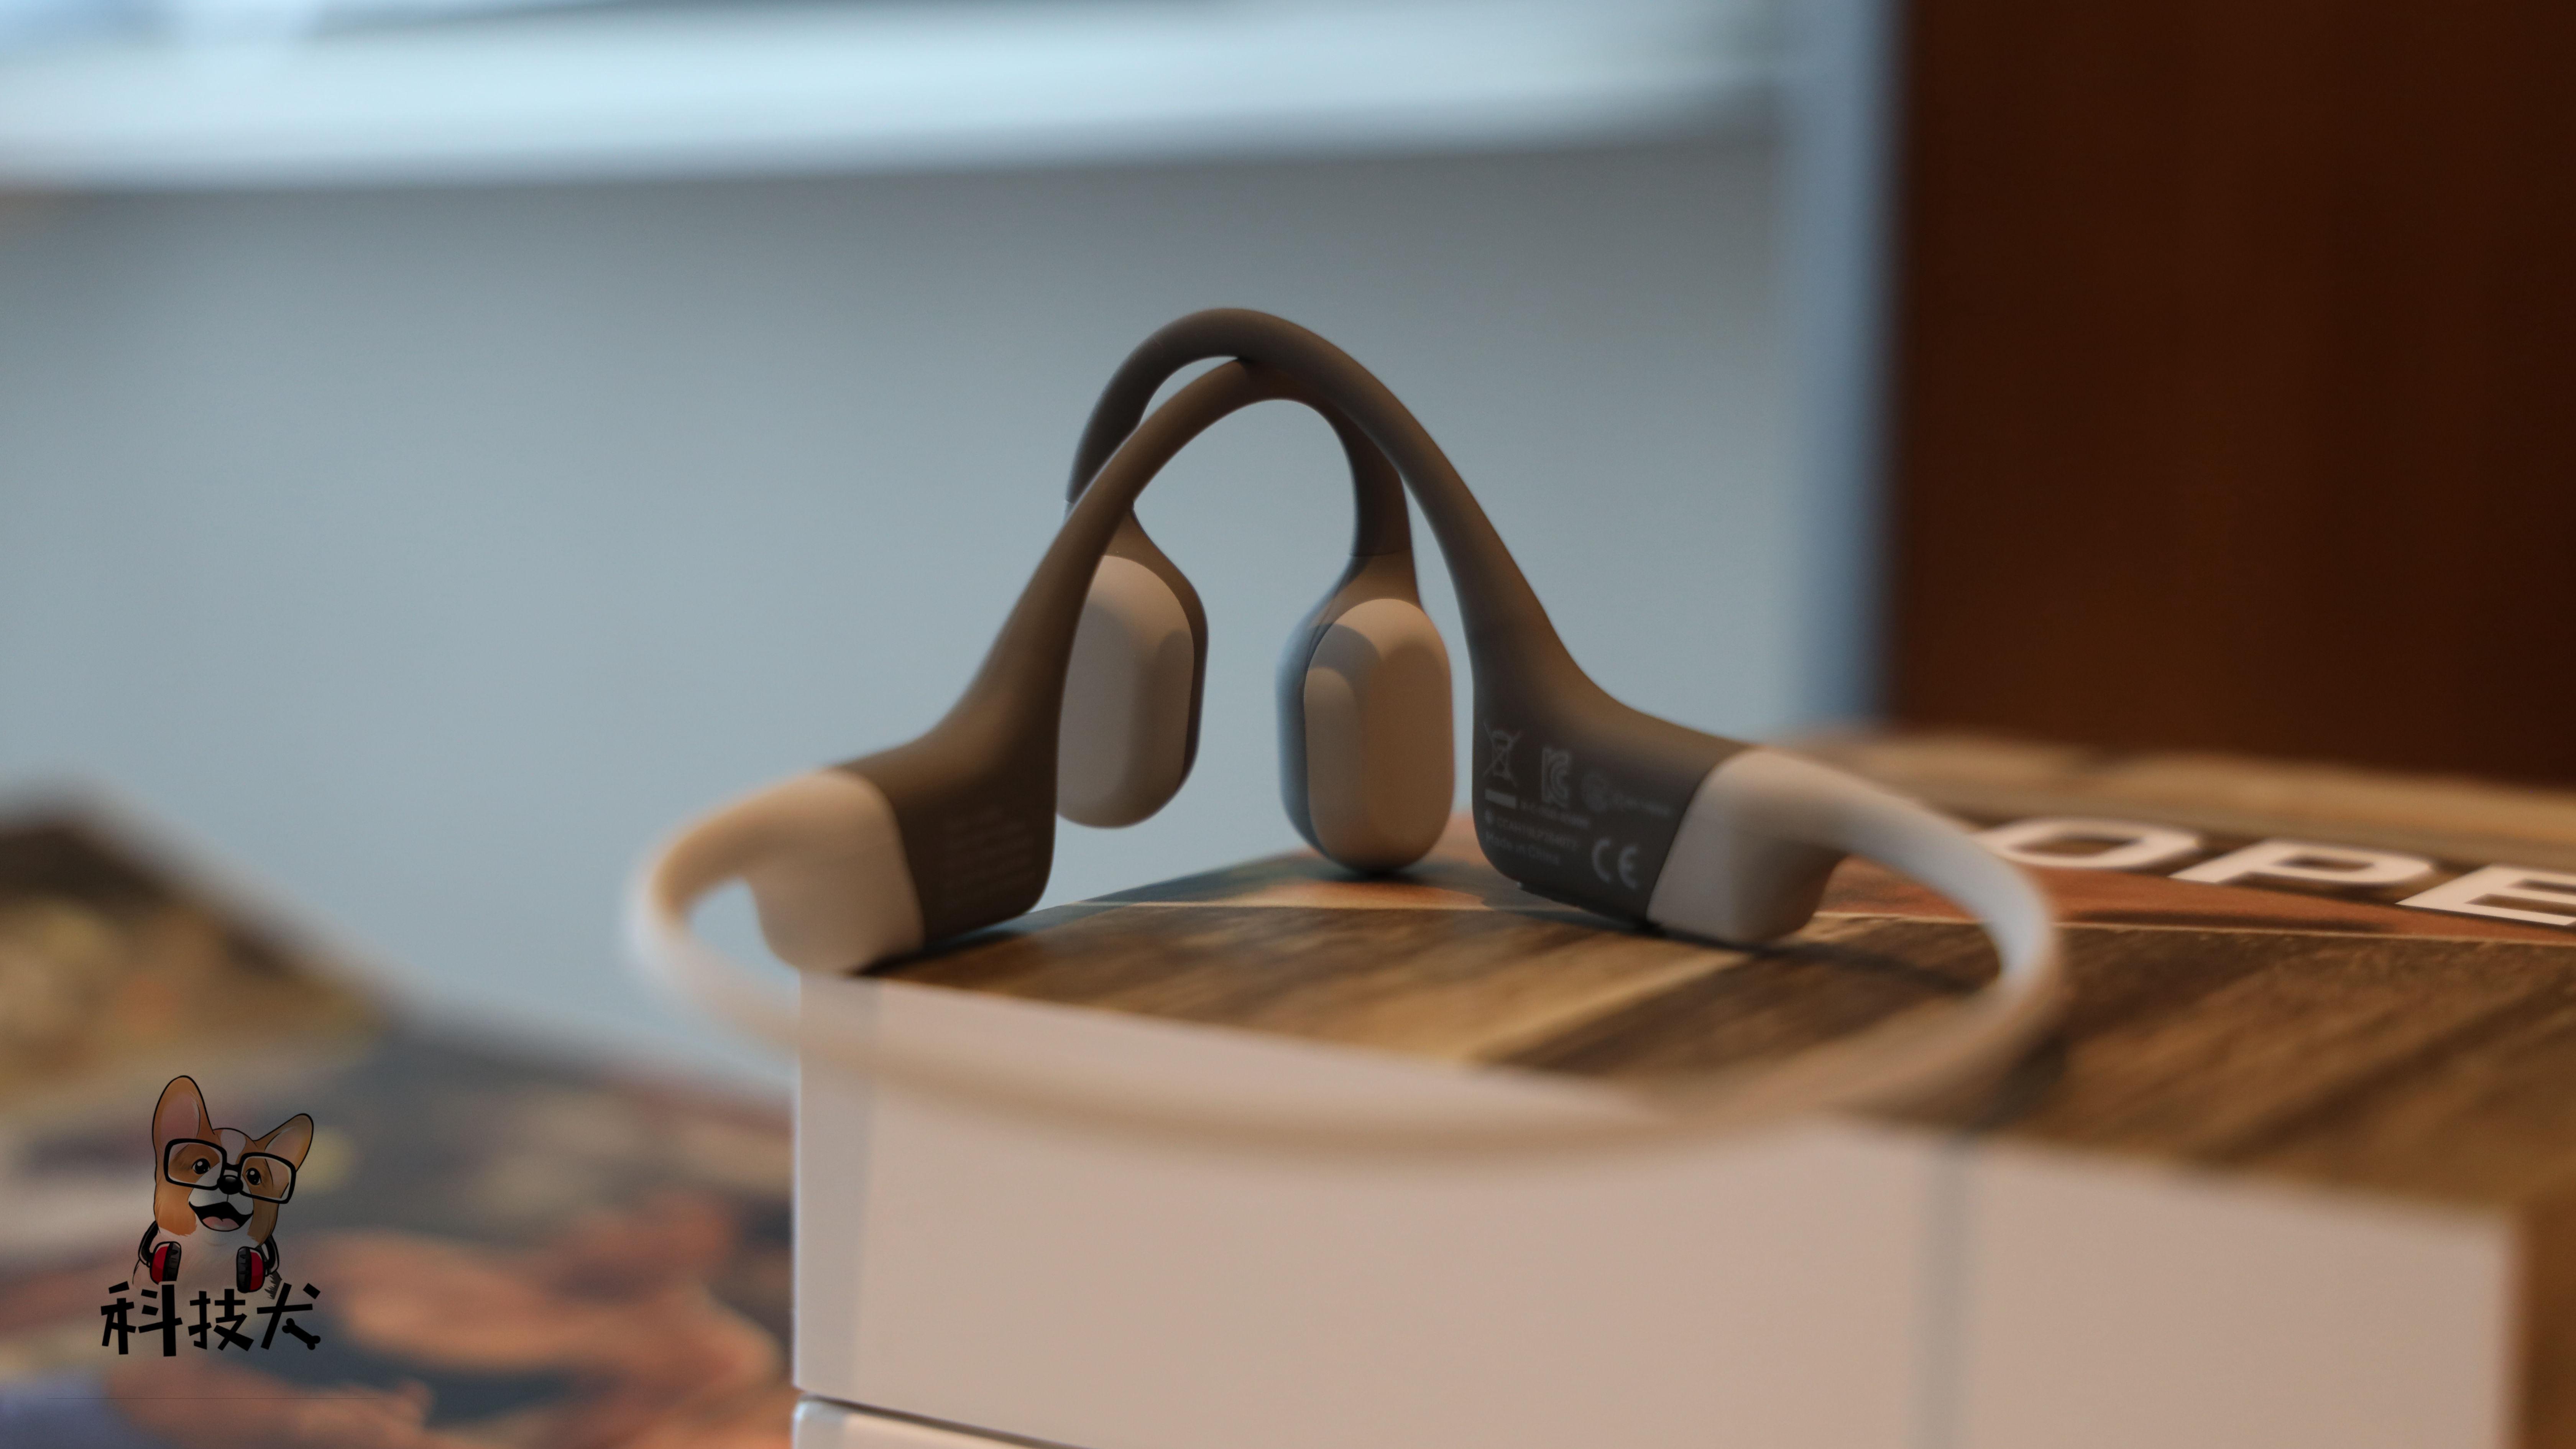 韶音运动耳机AS800音质表现如何?详细价格、配置,音质体验测评